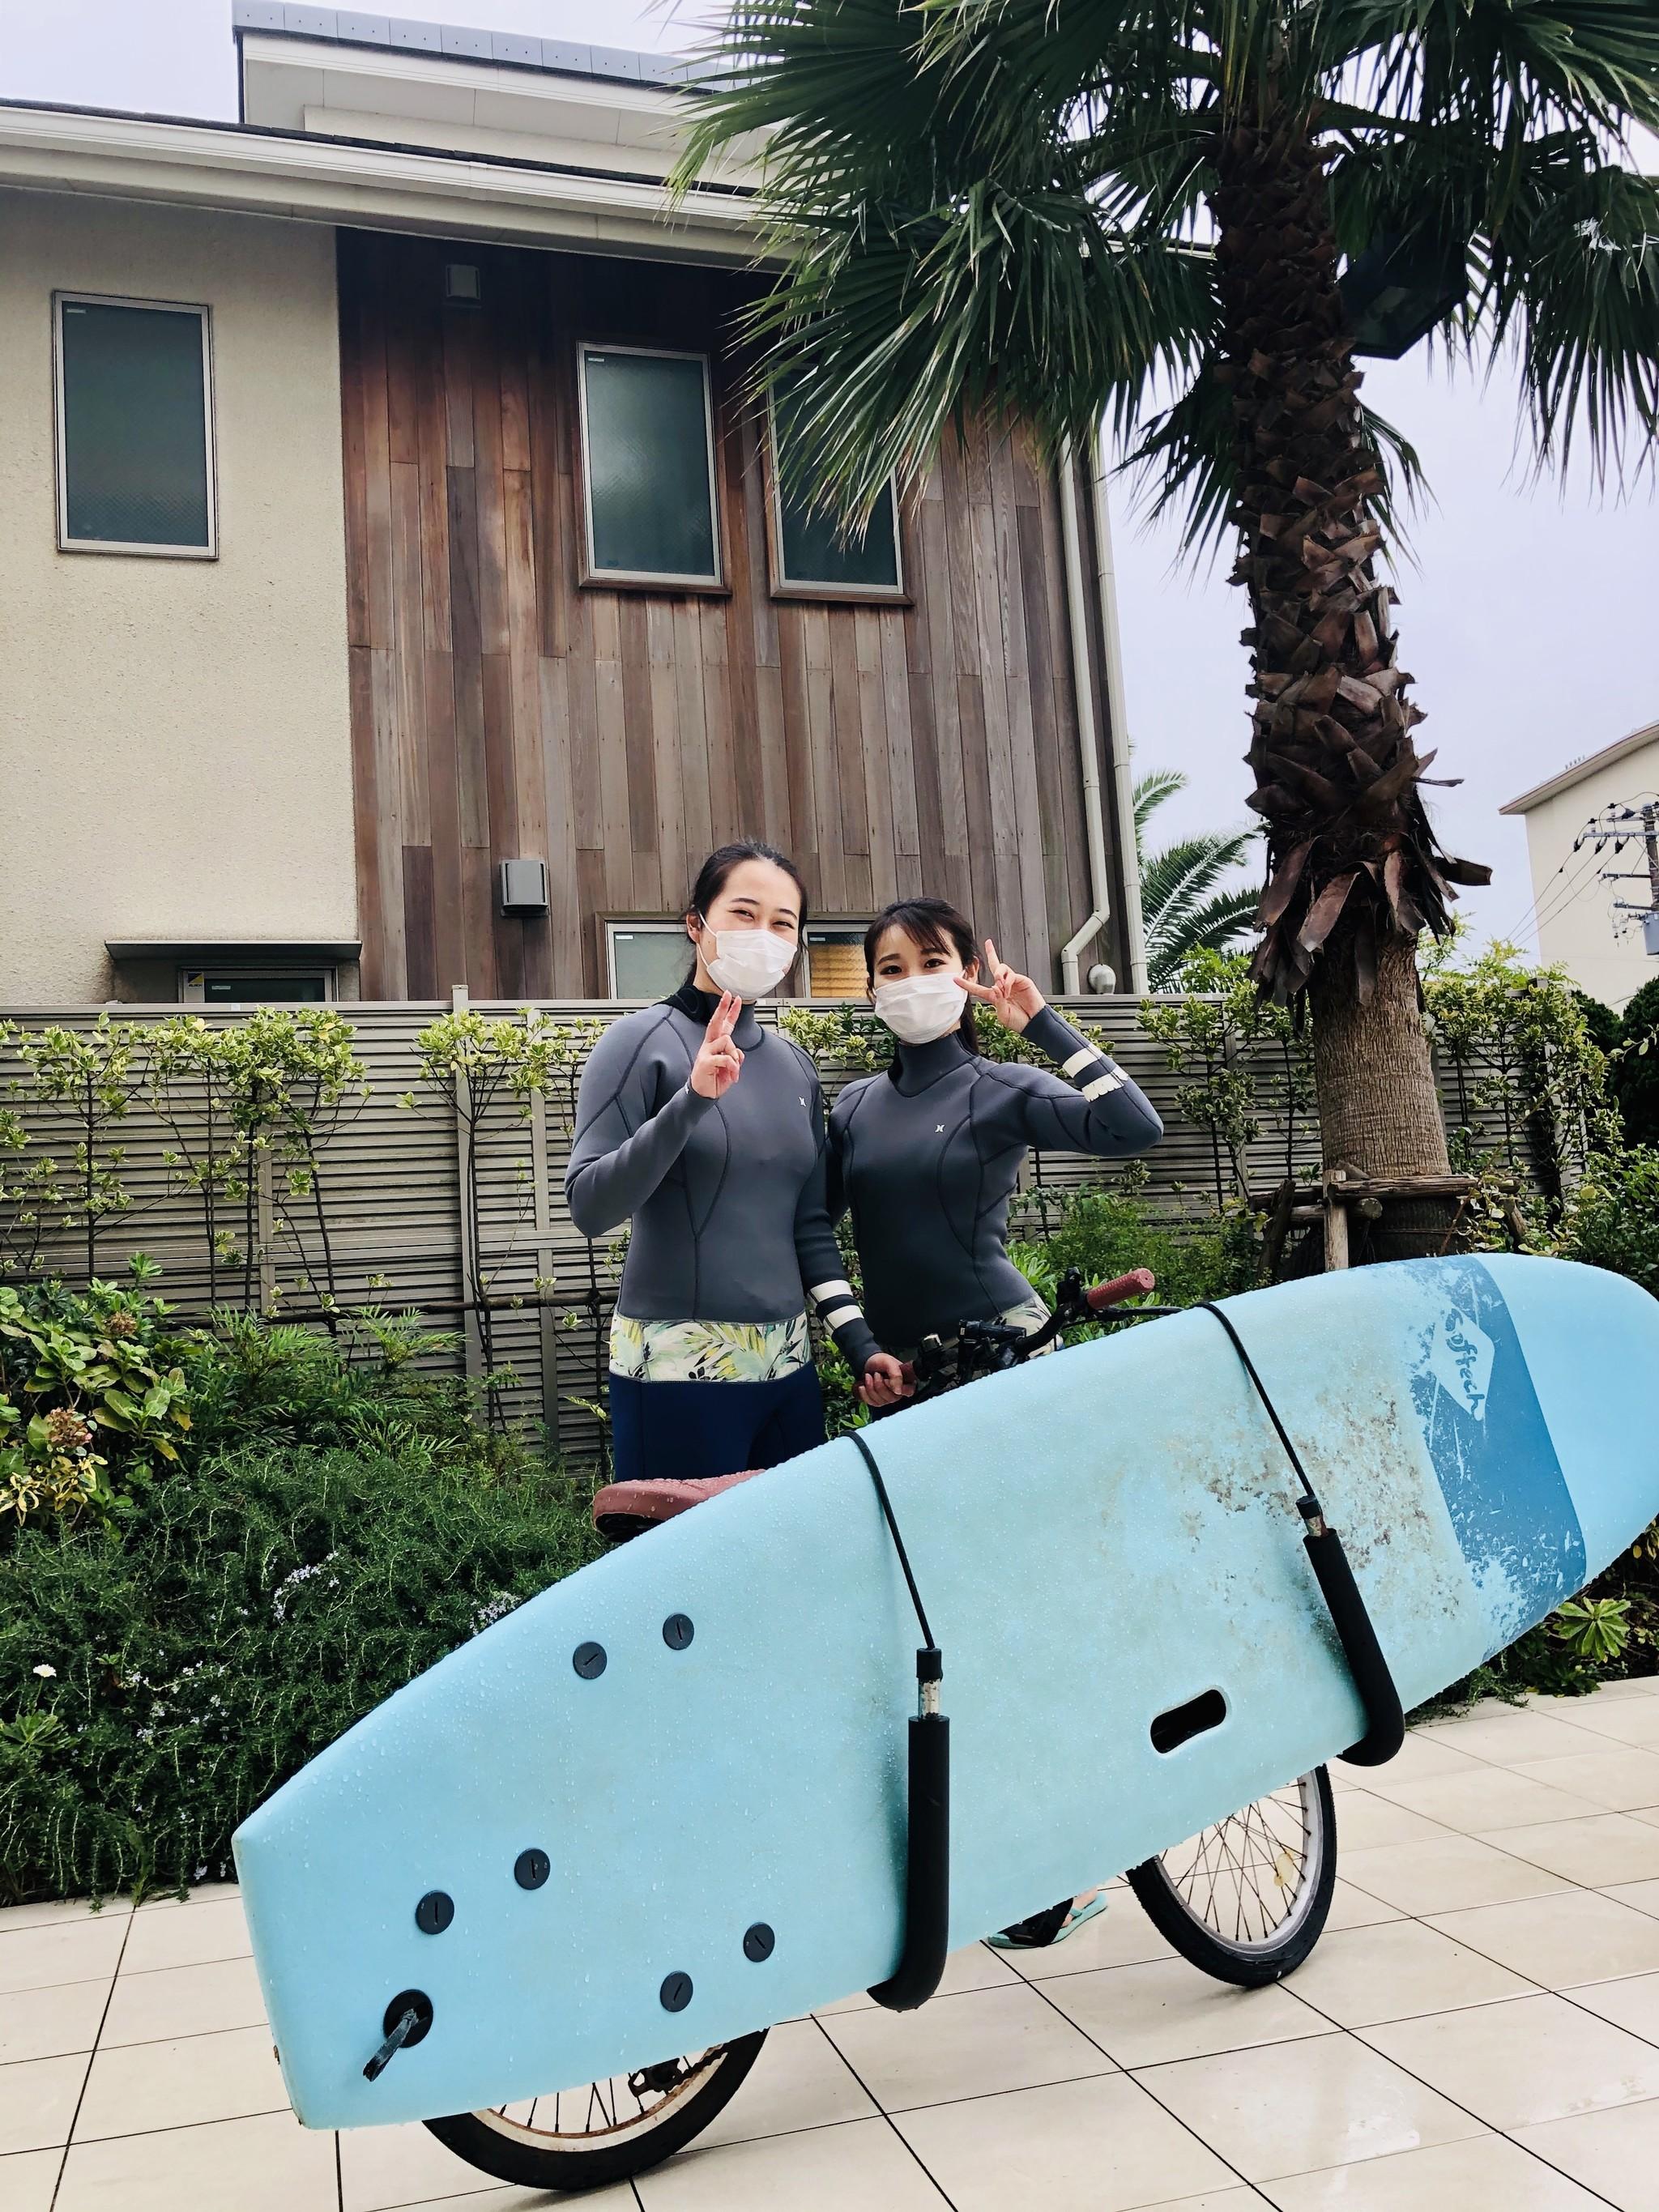 ビギナーサーフィンスクール